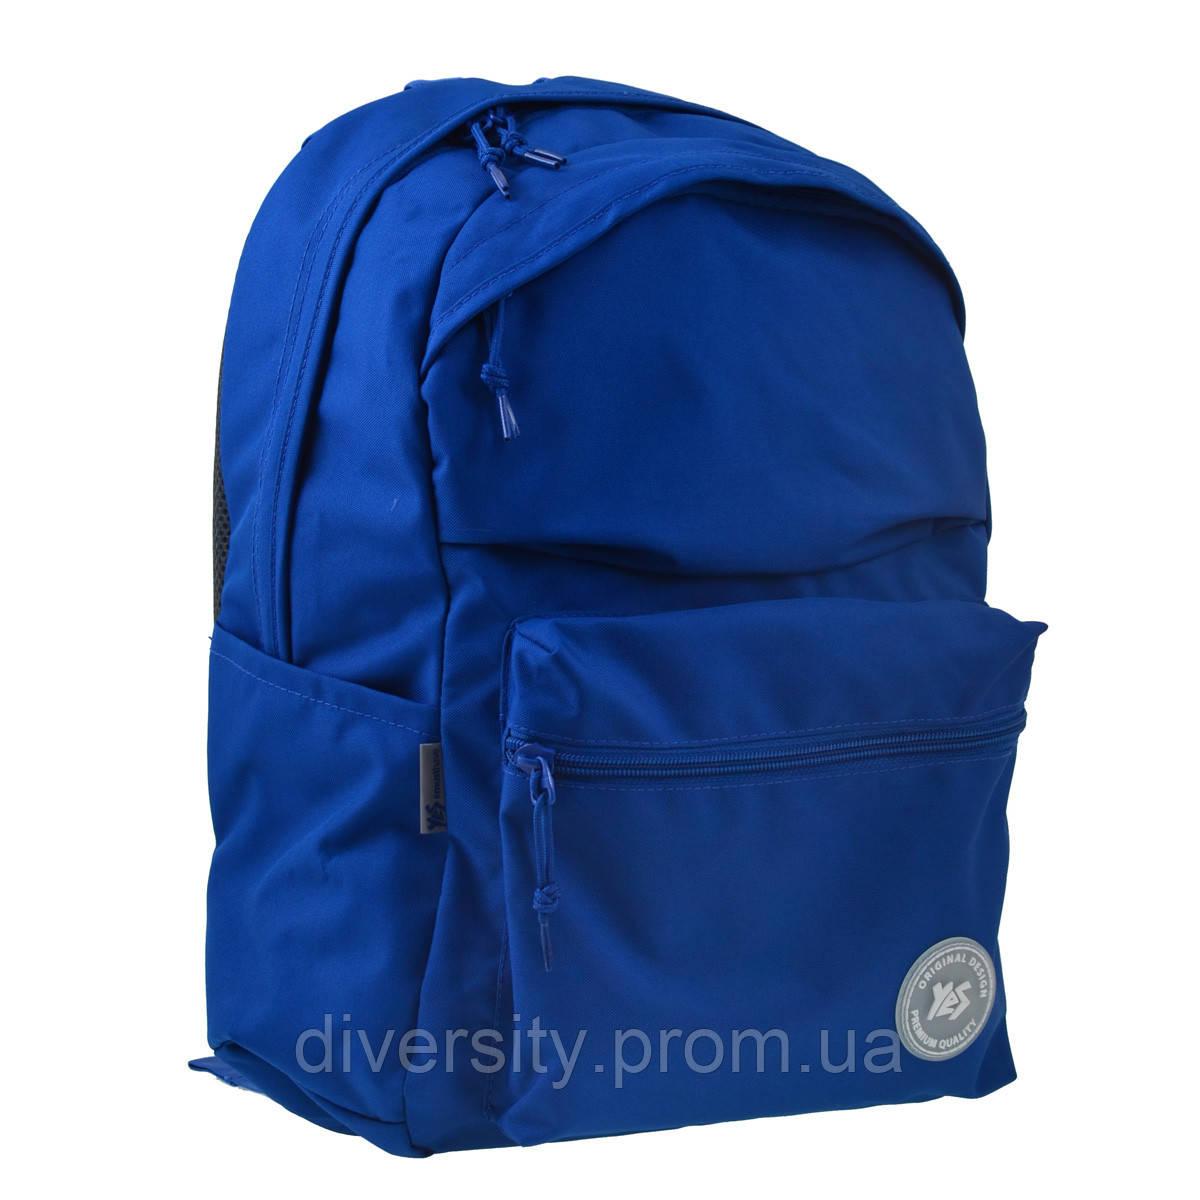 Молодежный рюкзак YES  ST-22 Royal blue, 48*31*17.5